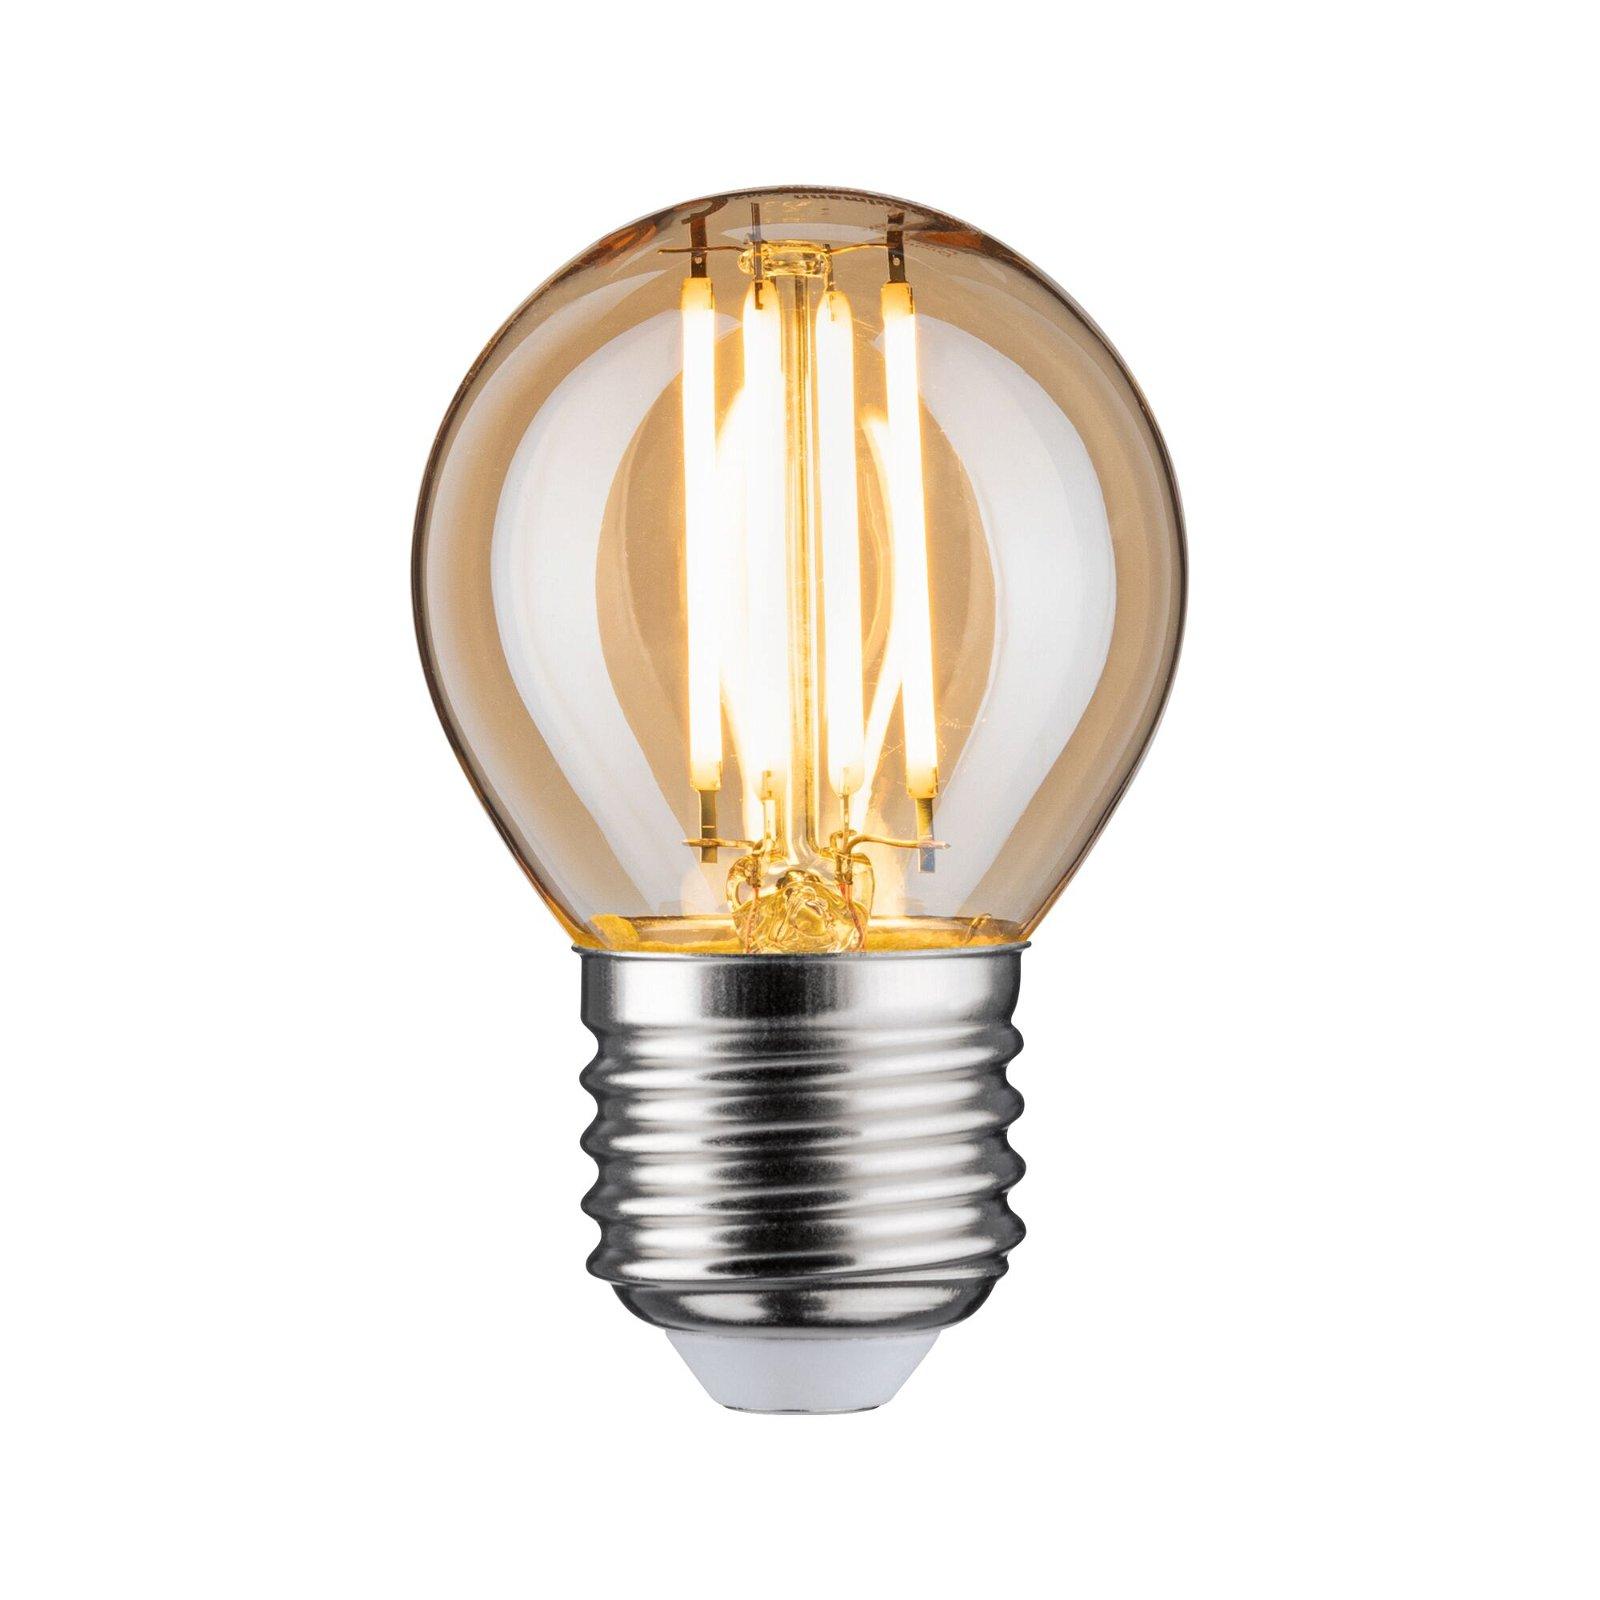 LED Tropfen E27 230V 430lm 4,7W 2500K Gold